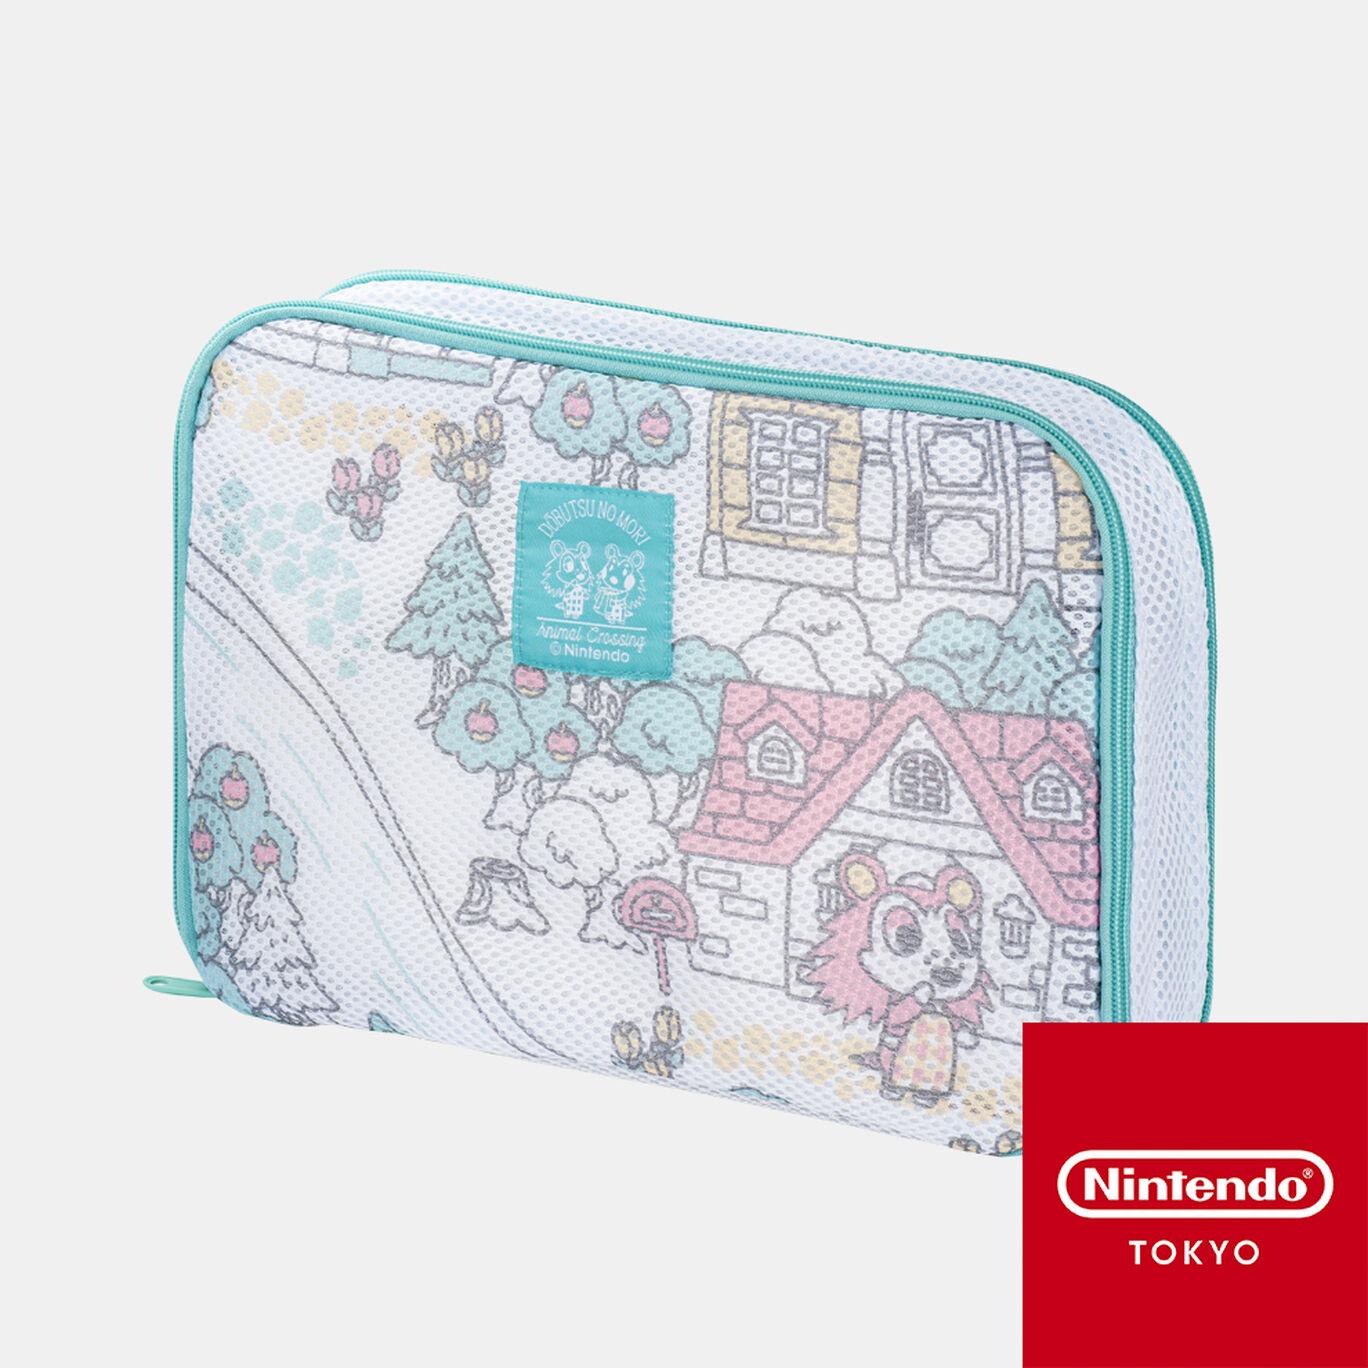 ランドリーネット L どうぶつの森【Nintendo TOKYO取り扱い商品】